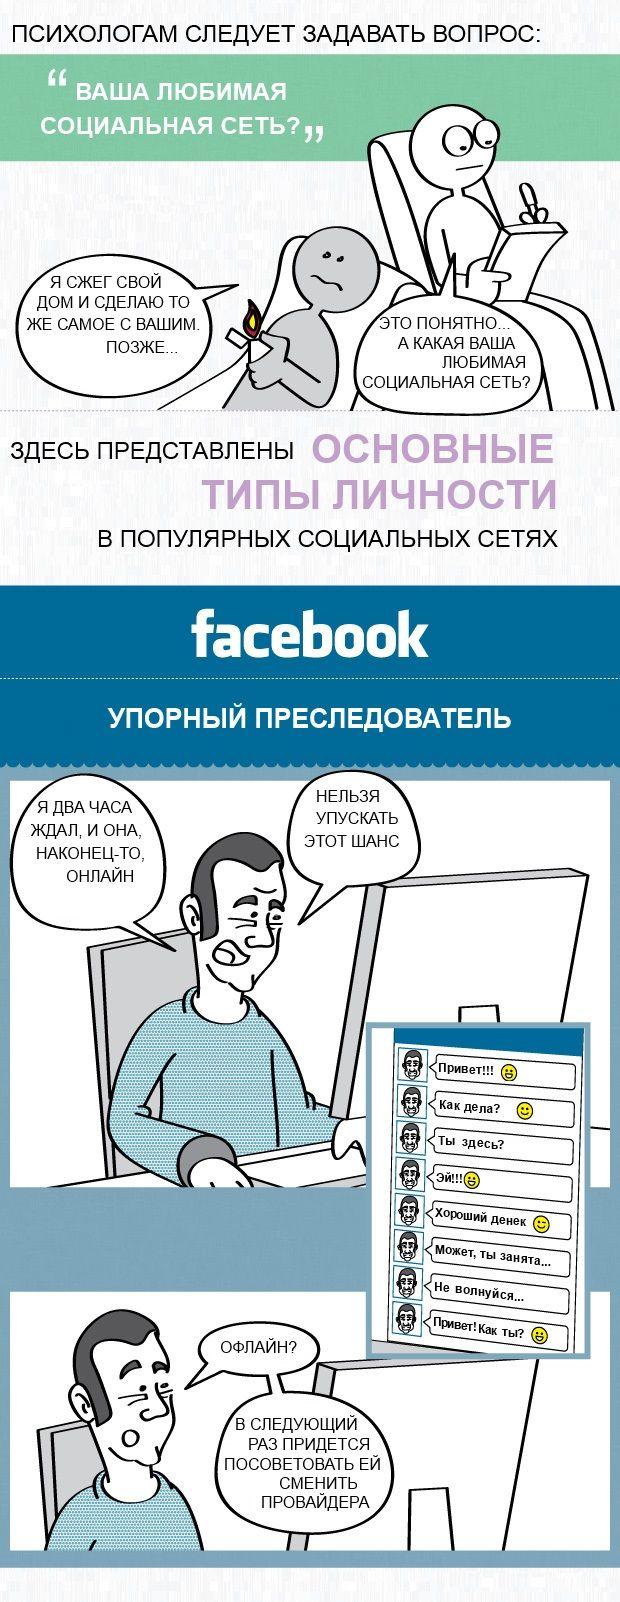 Инфографика: Типы личности в социальных сетях